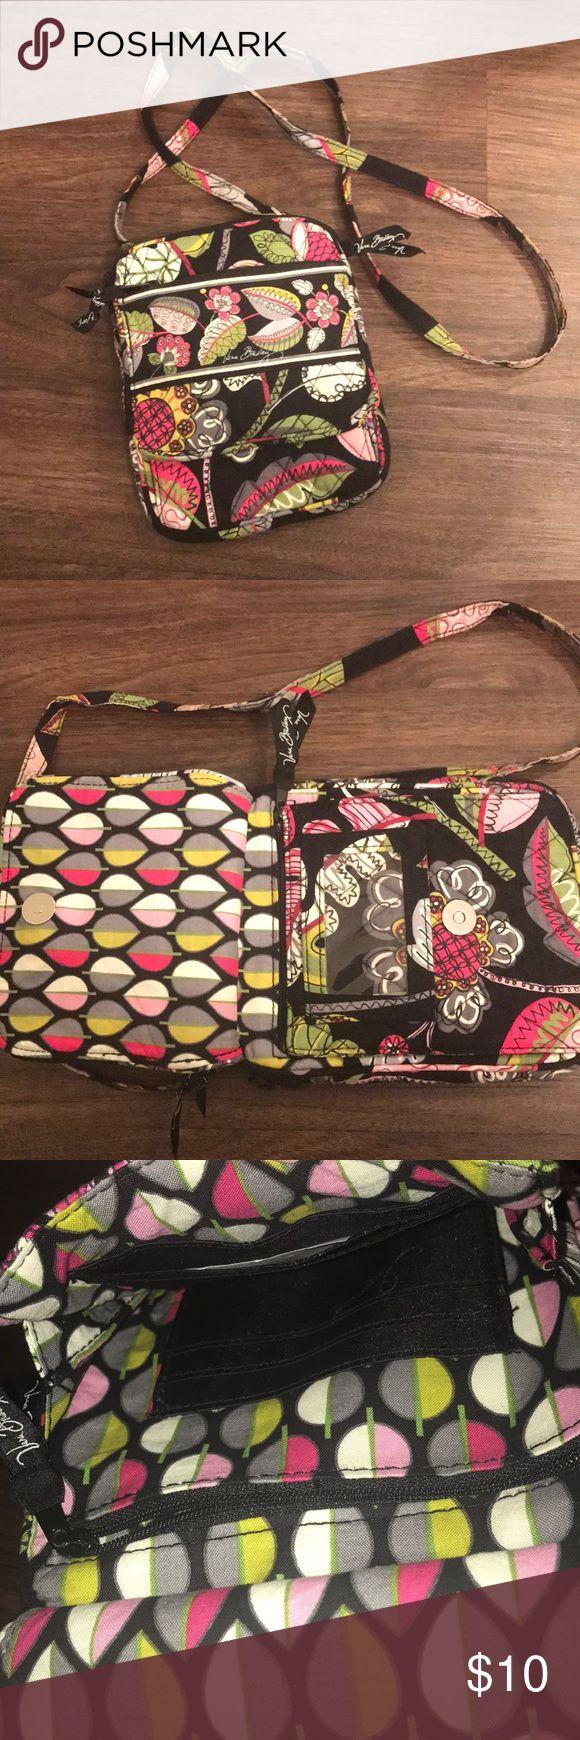 Vera Bradley purse Soft Vera Bradley purse, several useful pockets Vera Bradley Bags Crossbody Bags